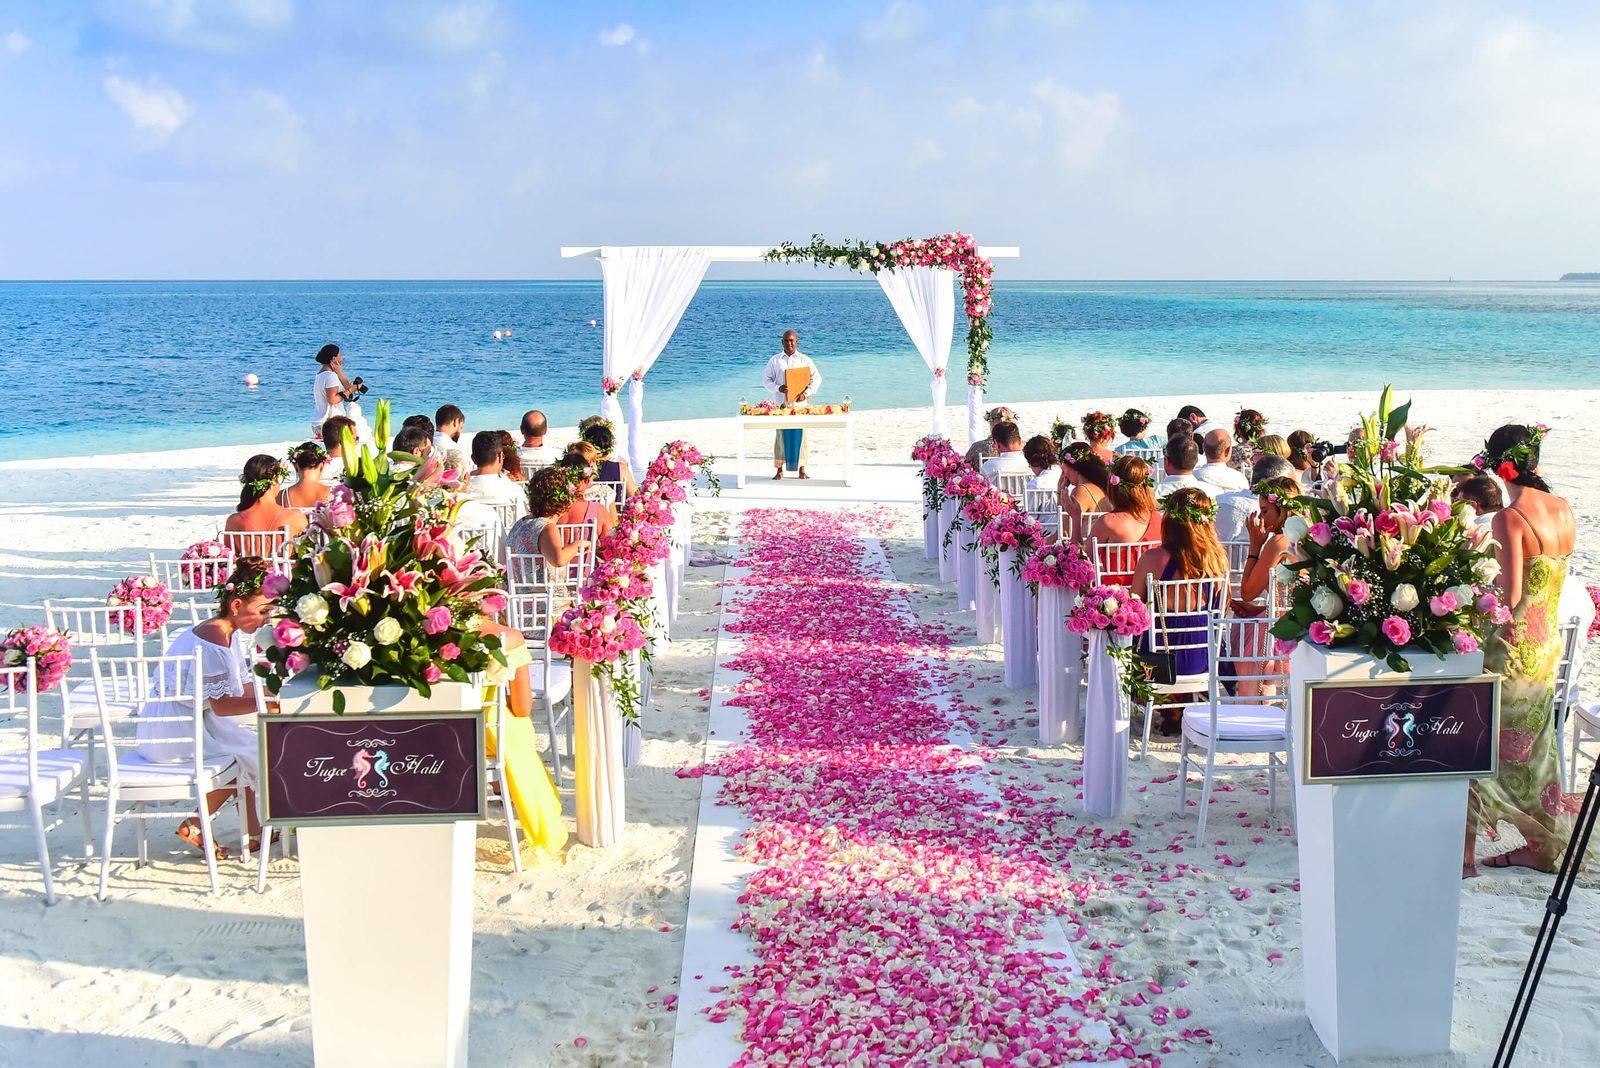 Trouwen op Bonaire is de droom van vele stelletjes. Het is het perfecte strand, voor de perfecte trouwdag!